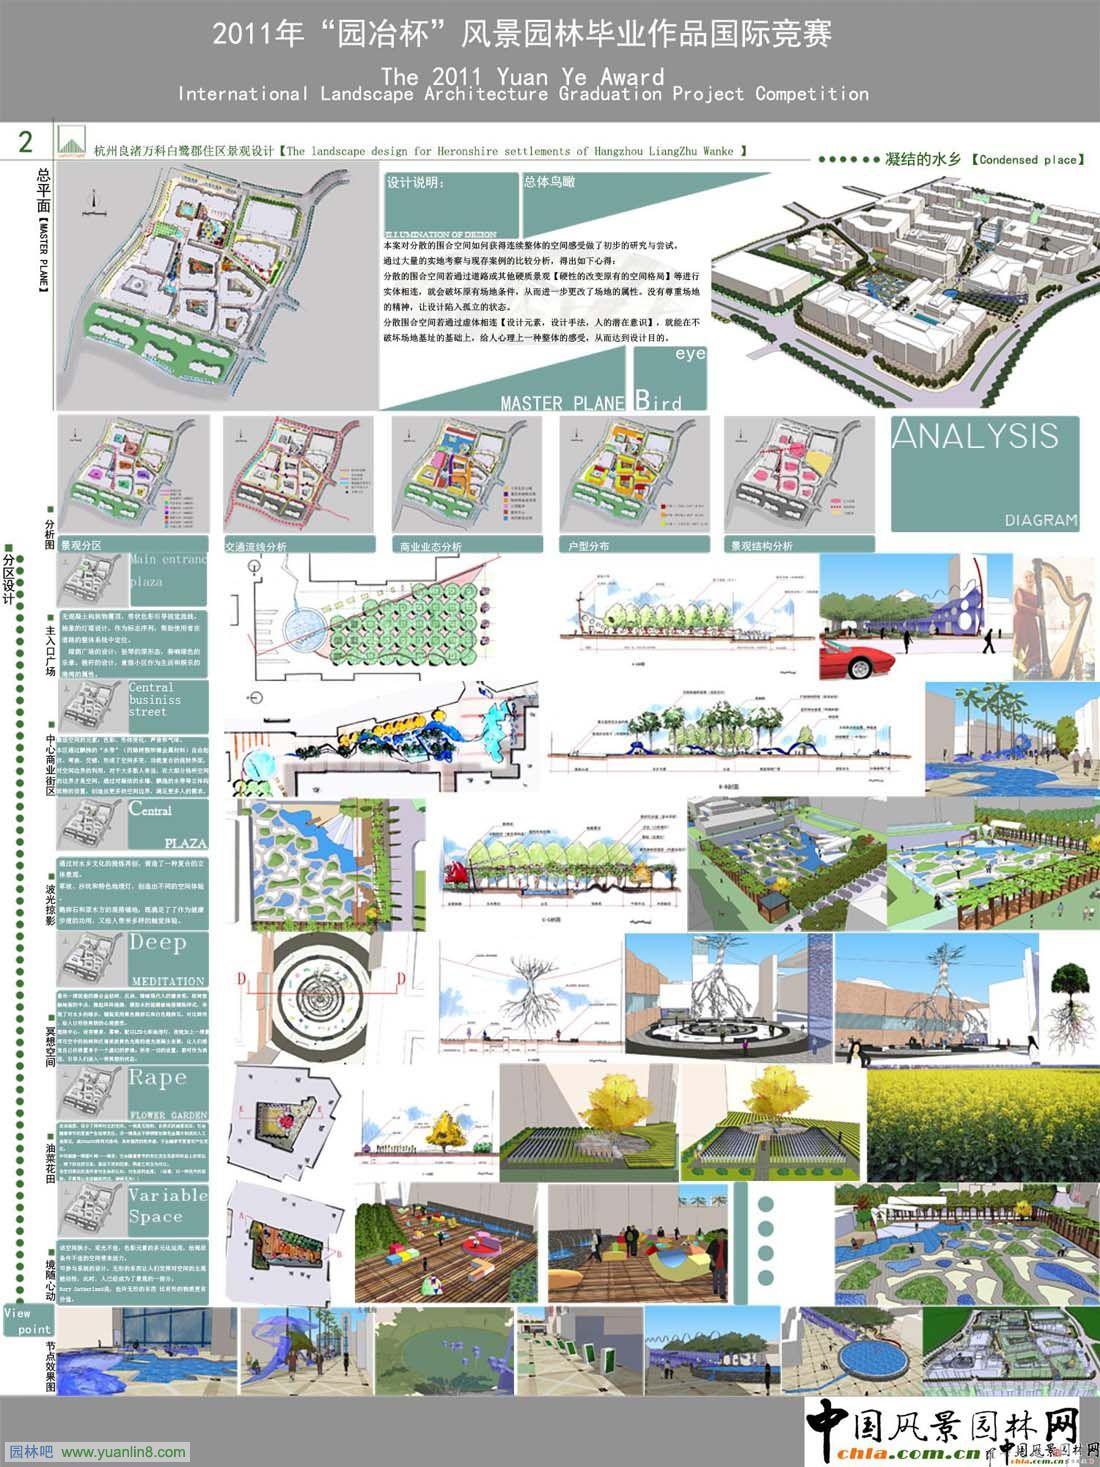 """一、2011年""""园冶杯""""风景园林毕业作品国际竞赛-凝结的水乡方案设计:   本案对分散的围合空间如何获得连续整体的空间感受做了初步的研究与尝试。   通过大量的实地考察与现存案例的比较分析,得出如下心得:   分散的围合空间若通过道路或其他硬质景观【硬性的改变原有的空间格局】等进行实体相连,就会破坏原有场地条件,从而进一步更改了场地的属性。没有尊重场地的精神,让设计陷入孤立的状态。   分散围合空间若通过虚体相连【设计元素,设计手法,人的潜在意识】,就能在不破坏场地基址的基础上"""